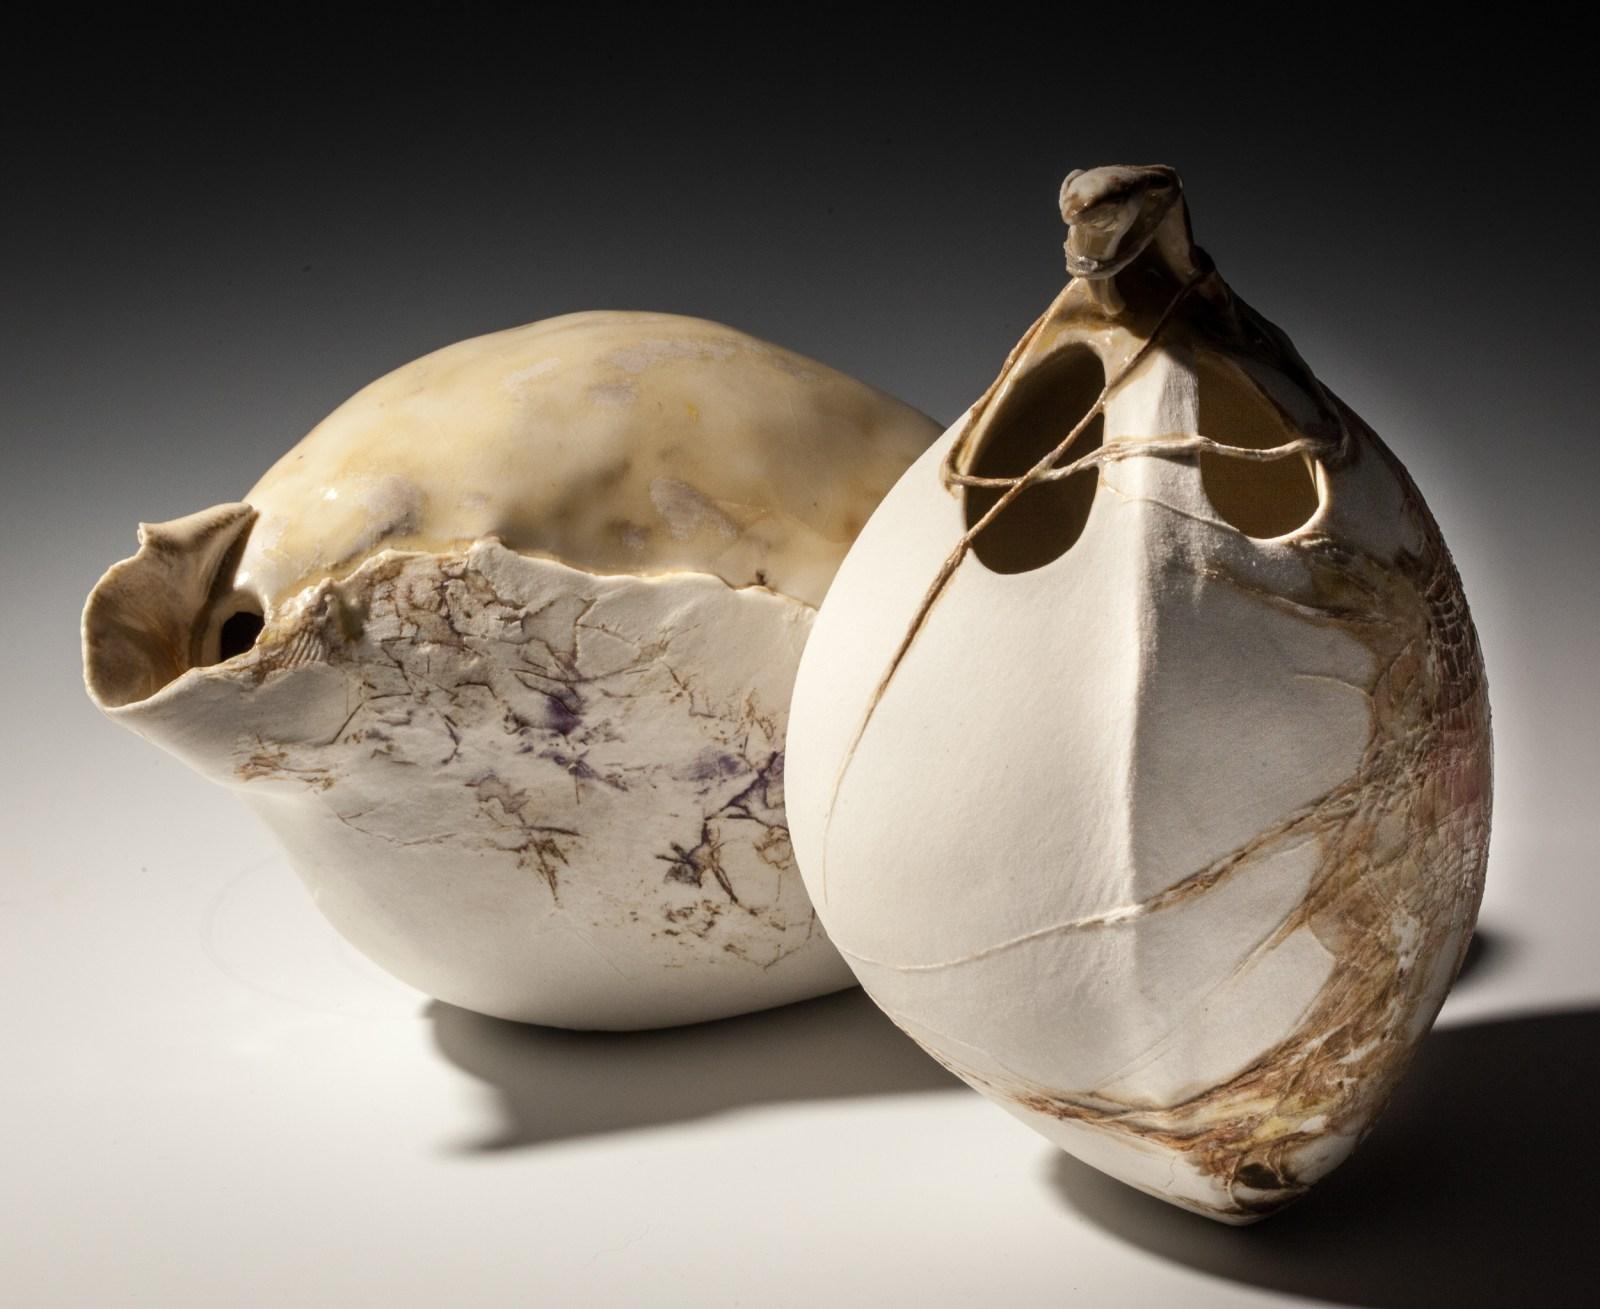 Helen-Shanks-porcelain-94